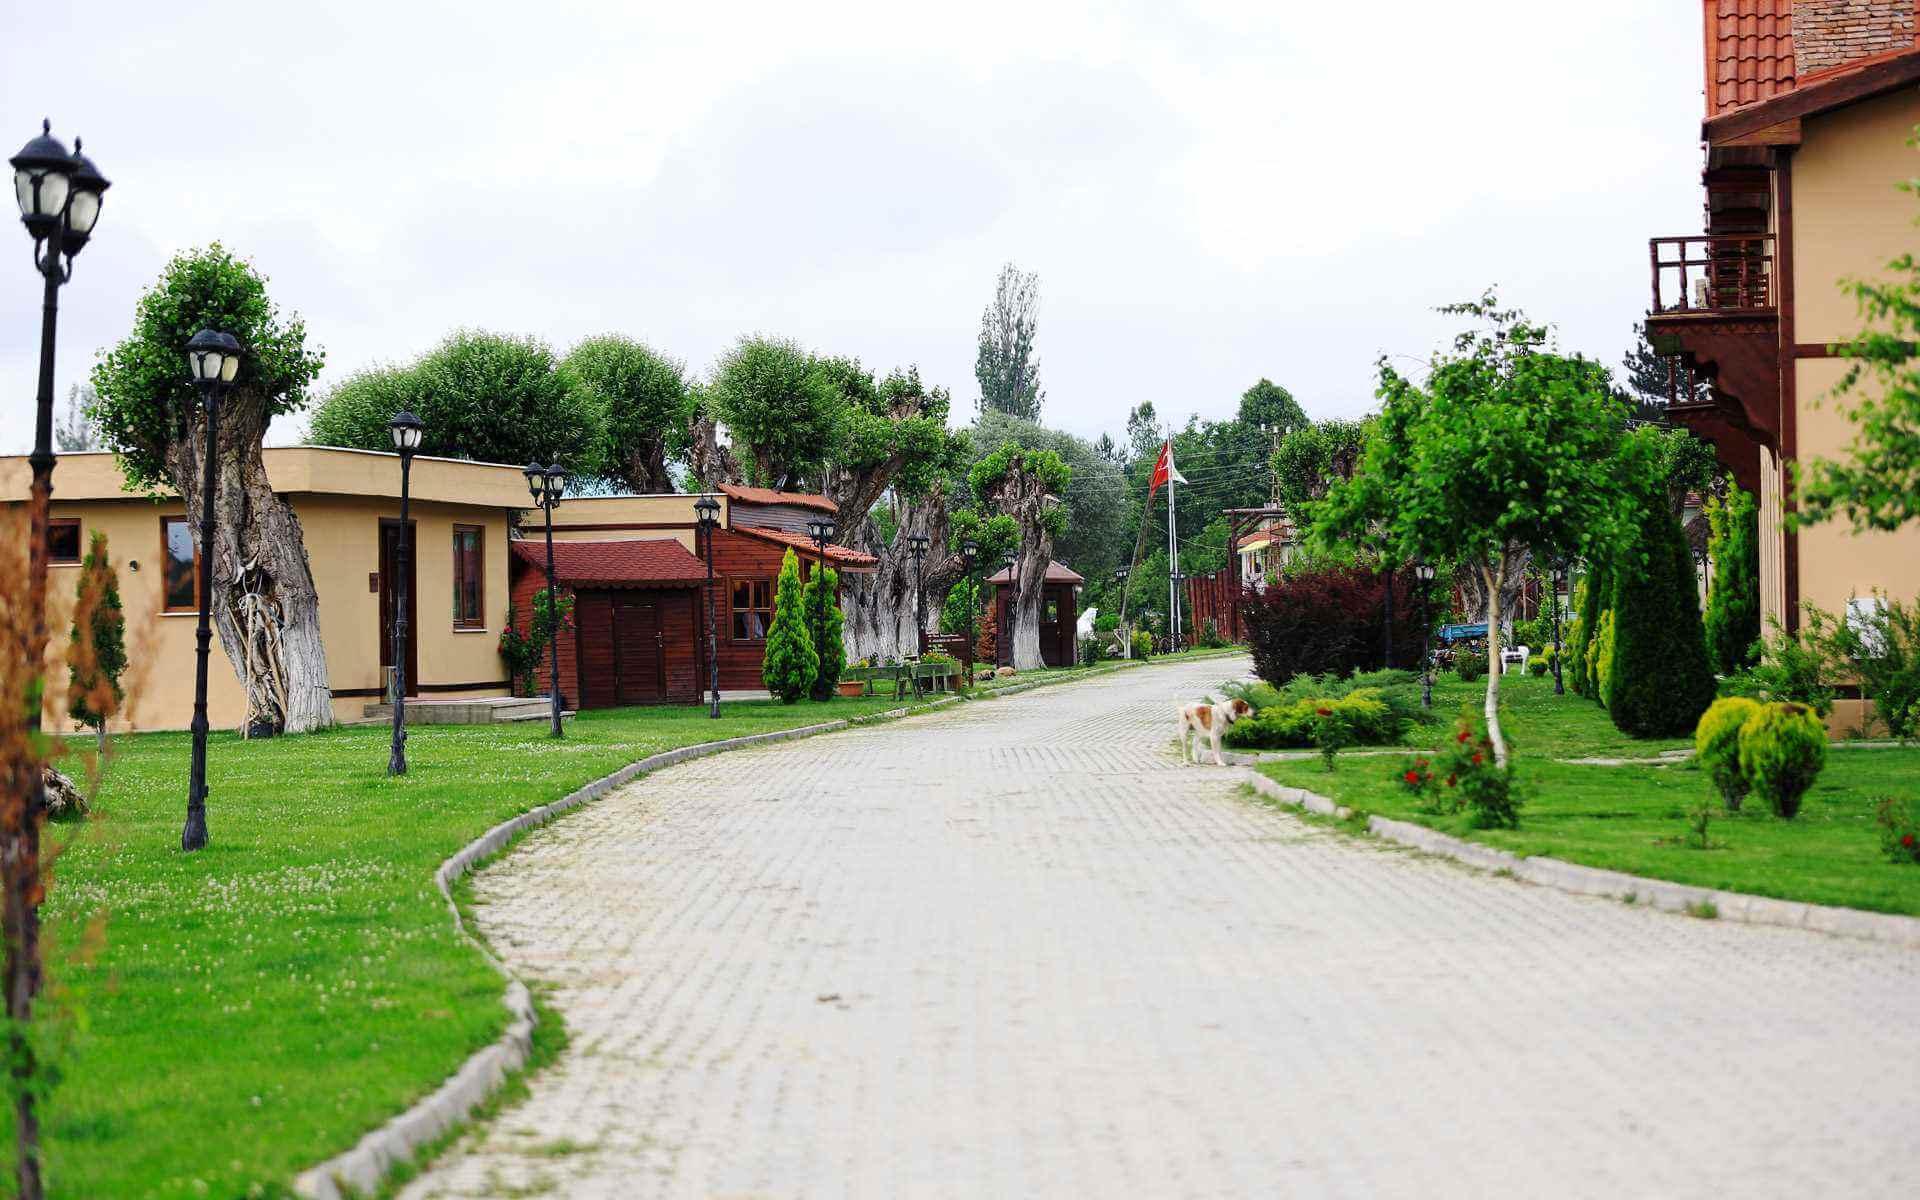 Kastamonu İksir Resort Town Yaz Mevsimi